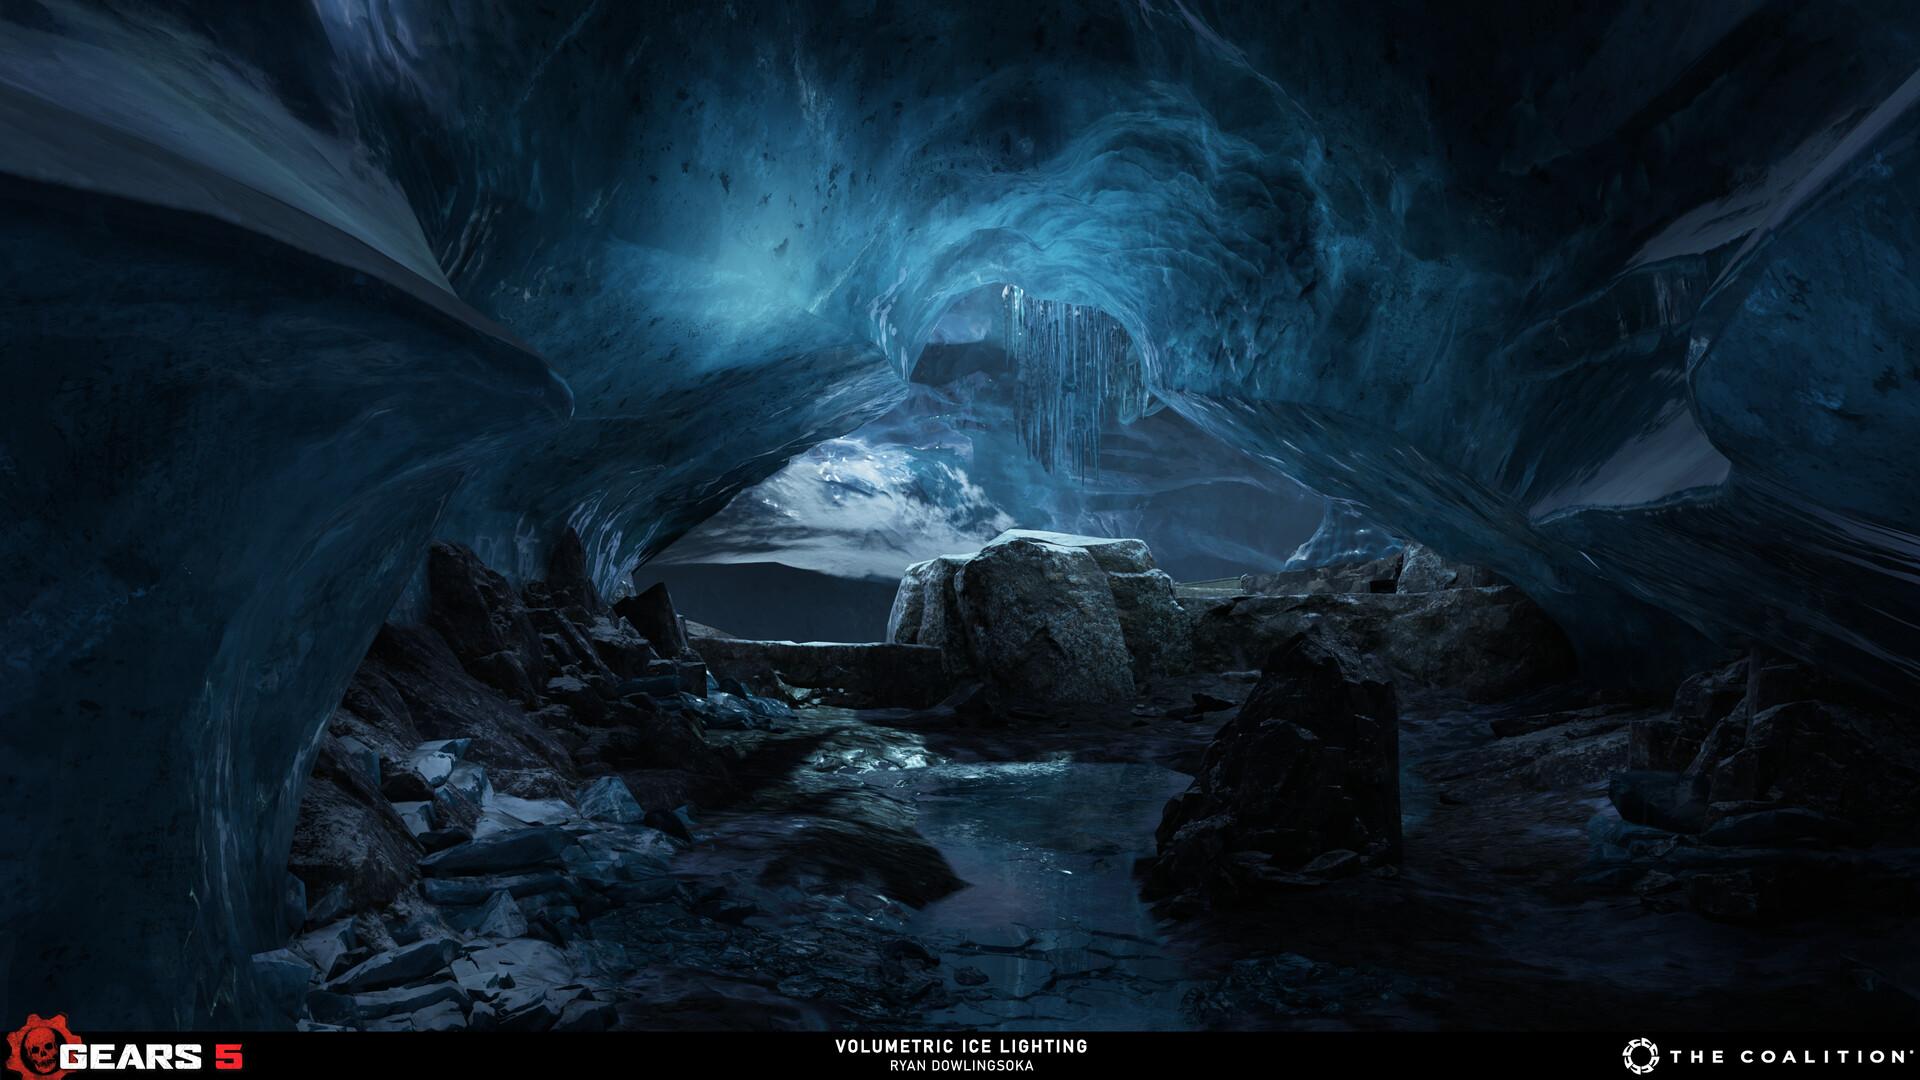 Example from Gears 5 : Pre-Kadar 01